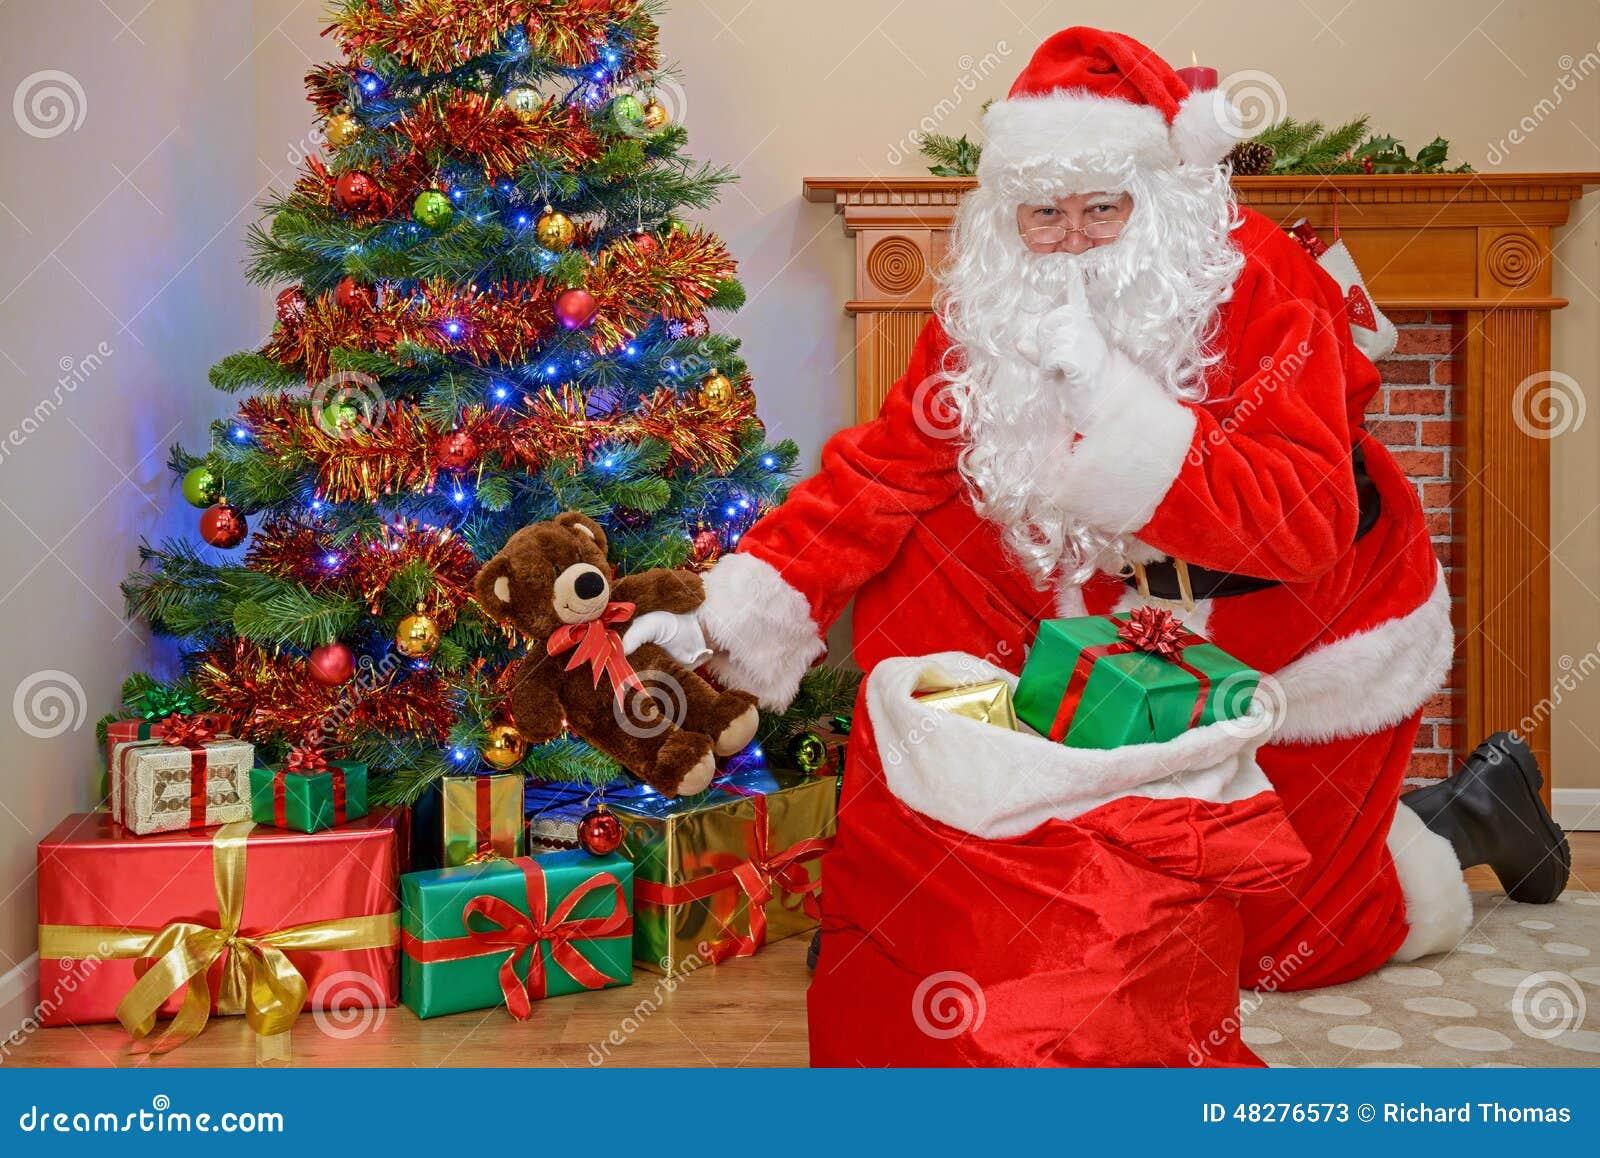 claus navidad noel padre presentes regalos